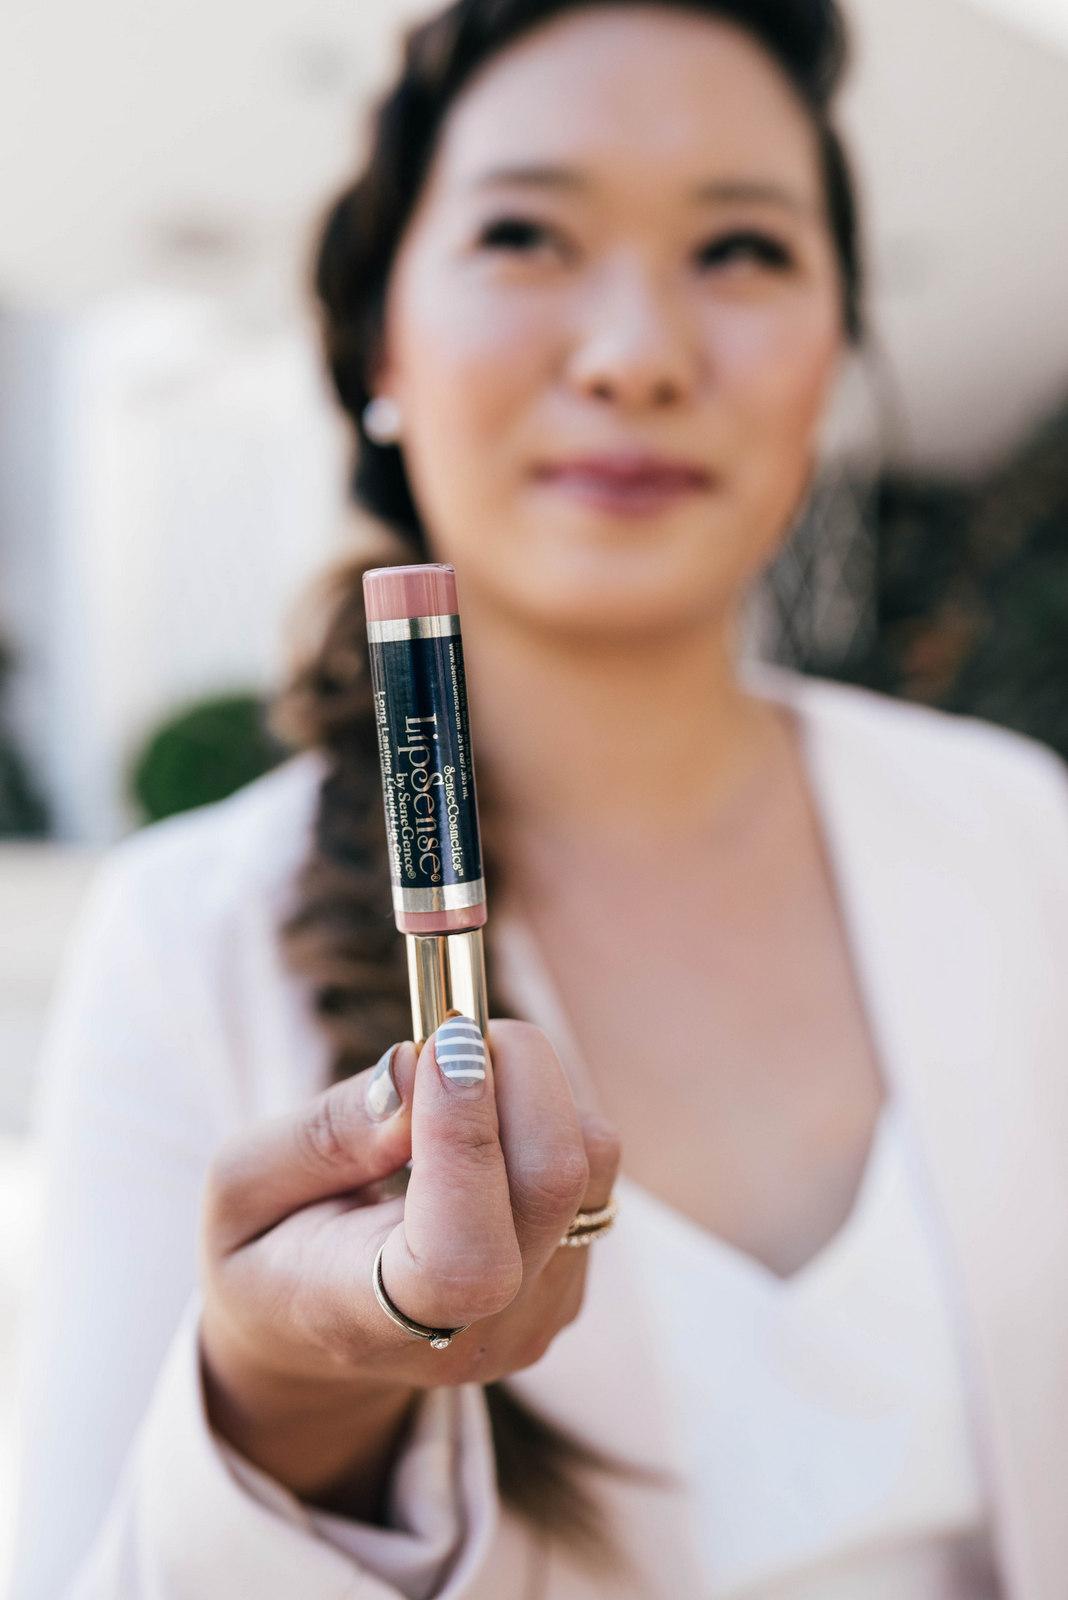 Lipsense lipstick